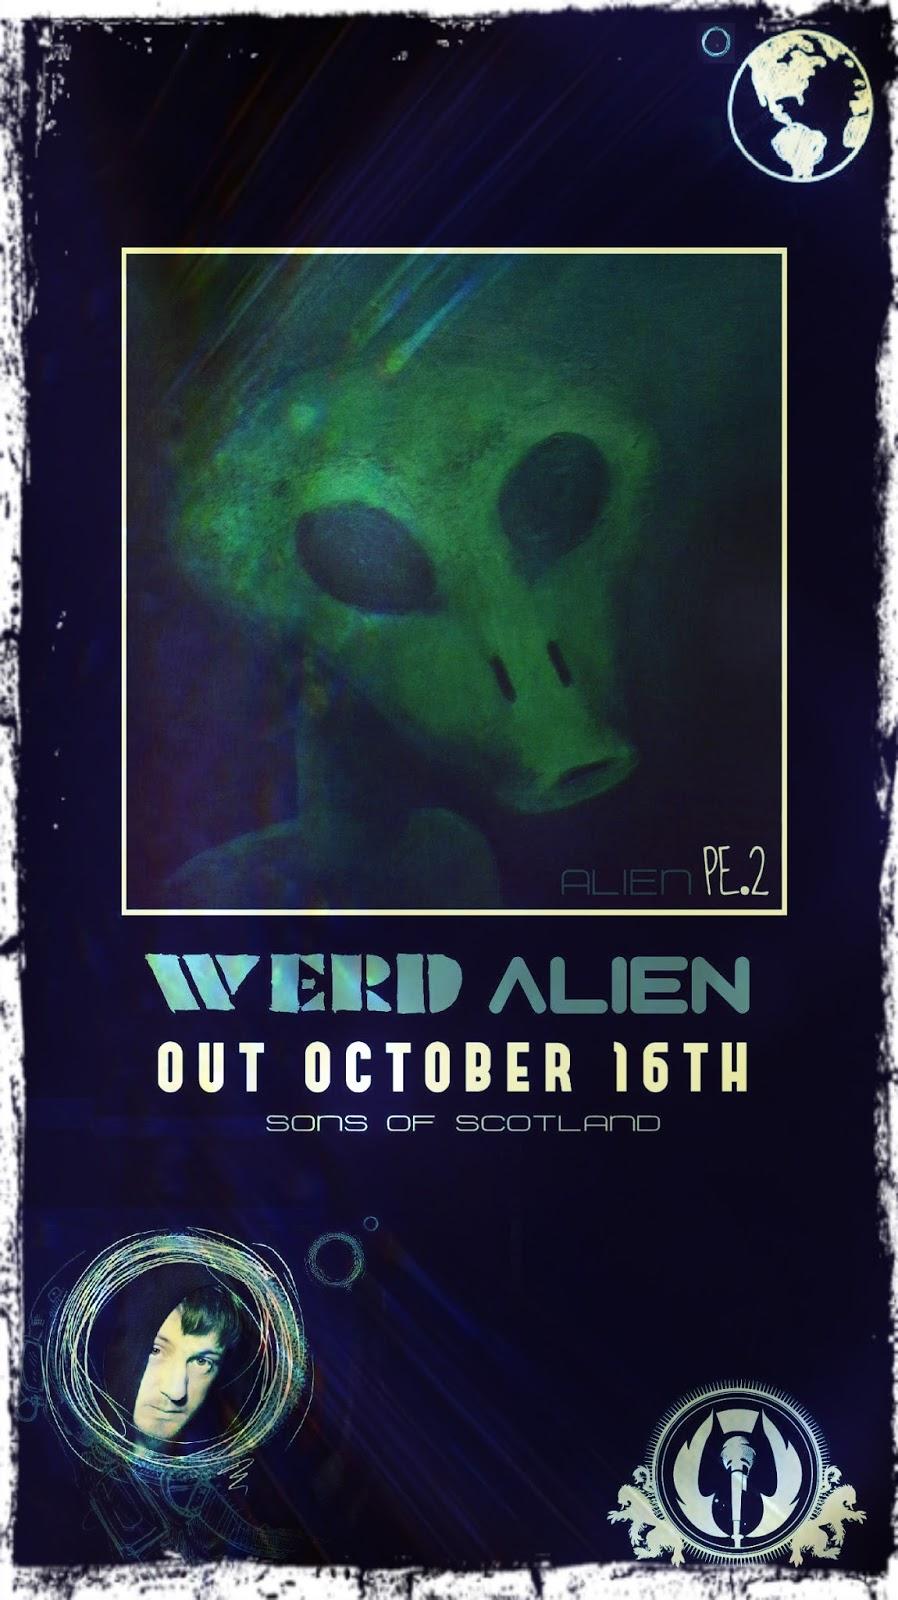 Alien pe 2 cd digipack download